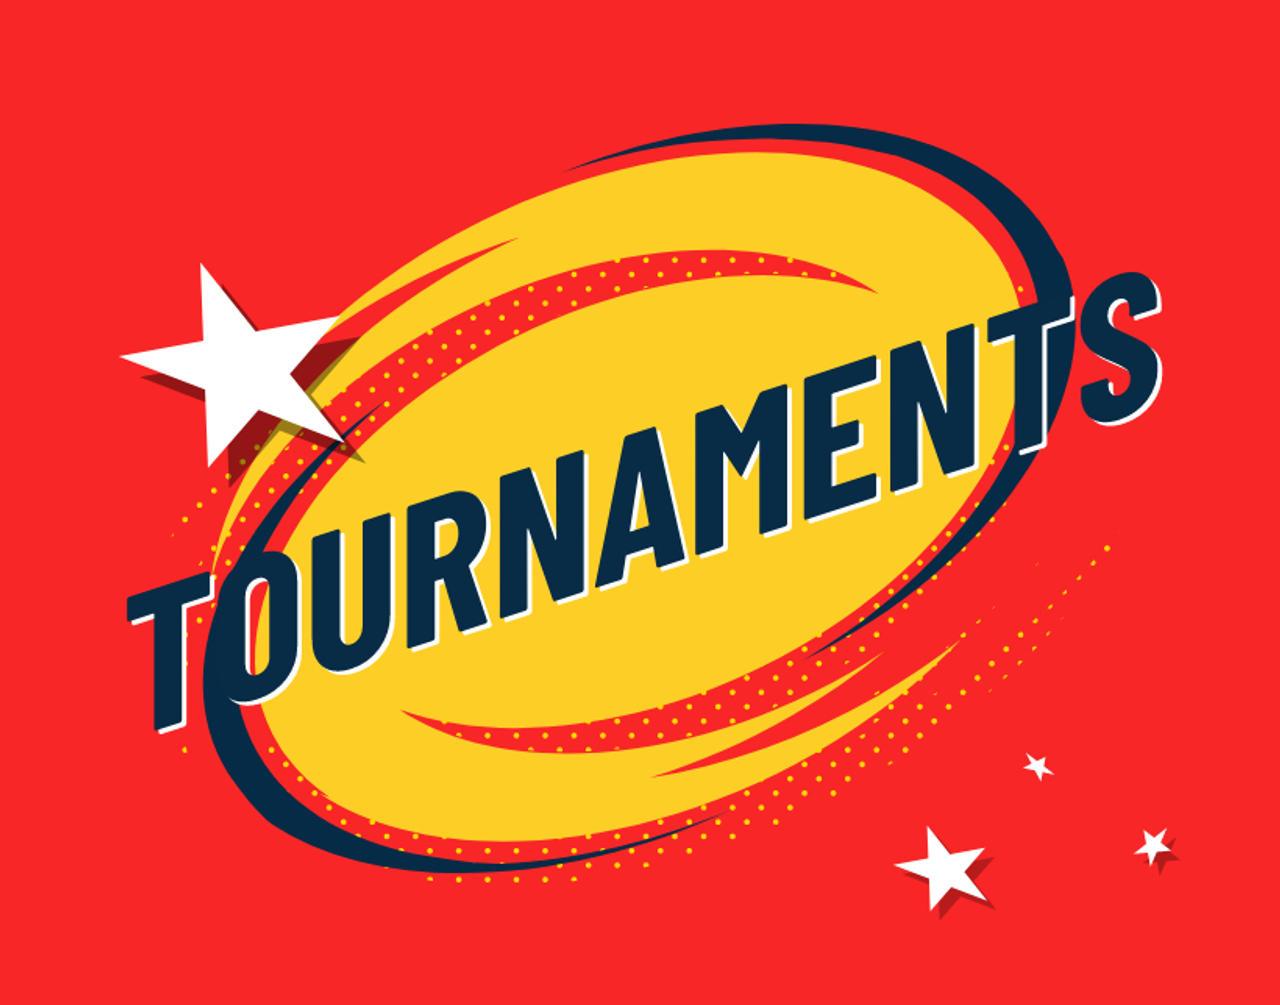 Refuel - Tournament - Mobile